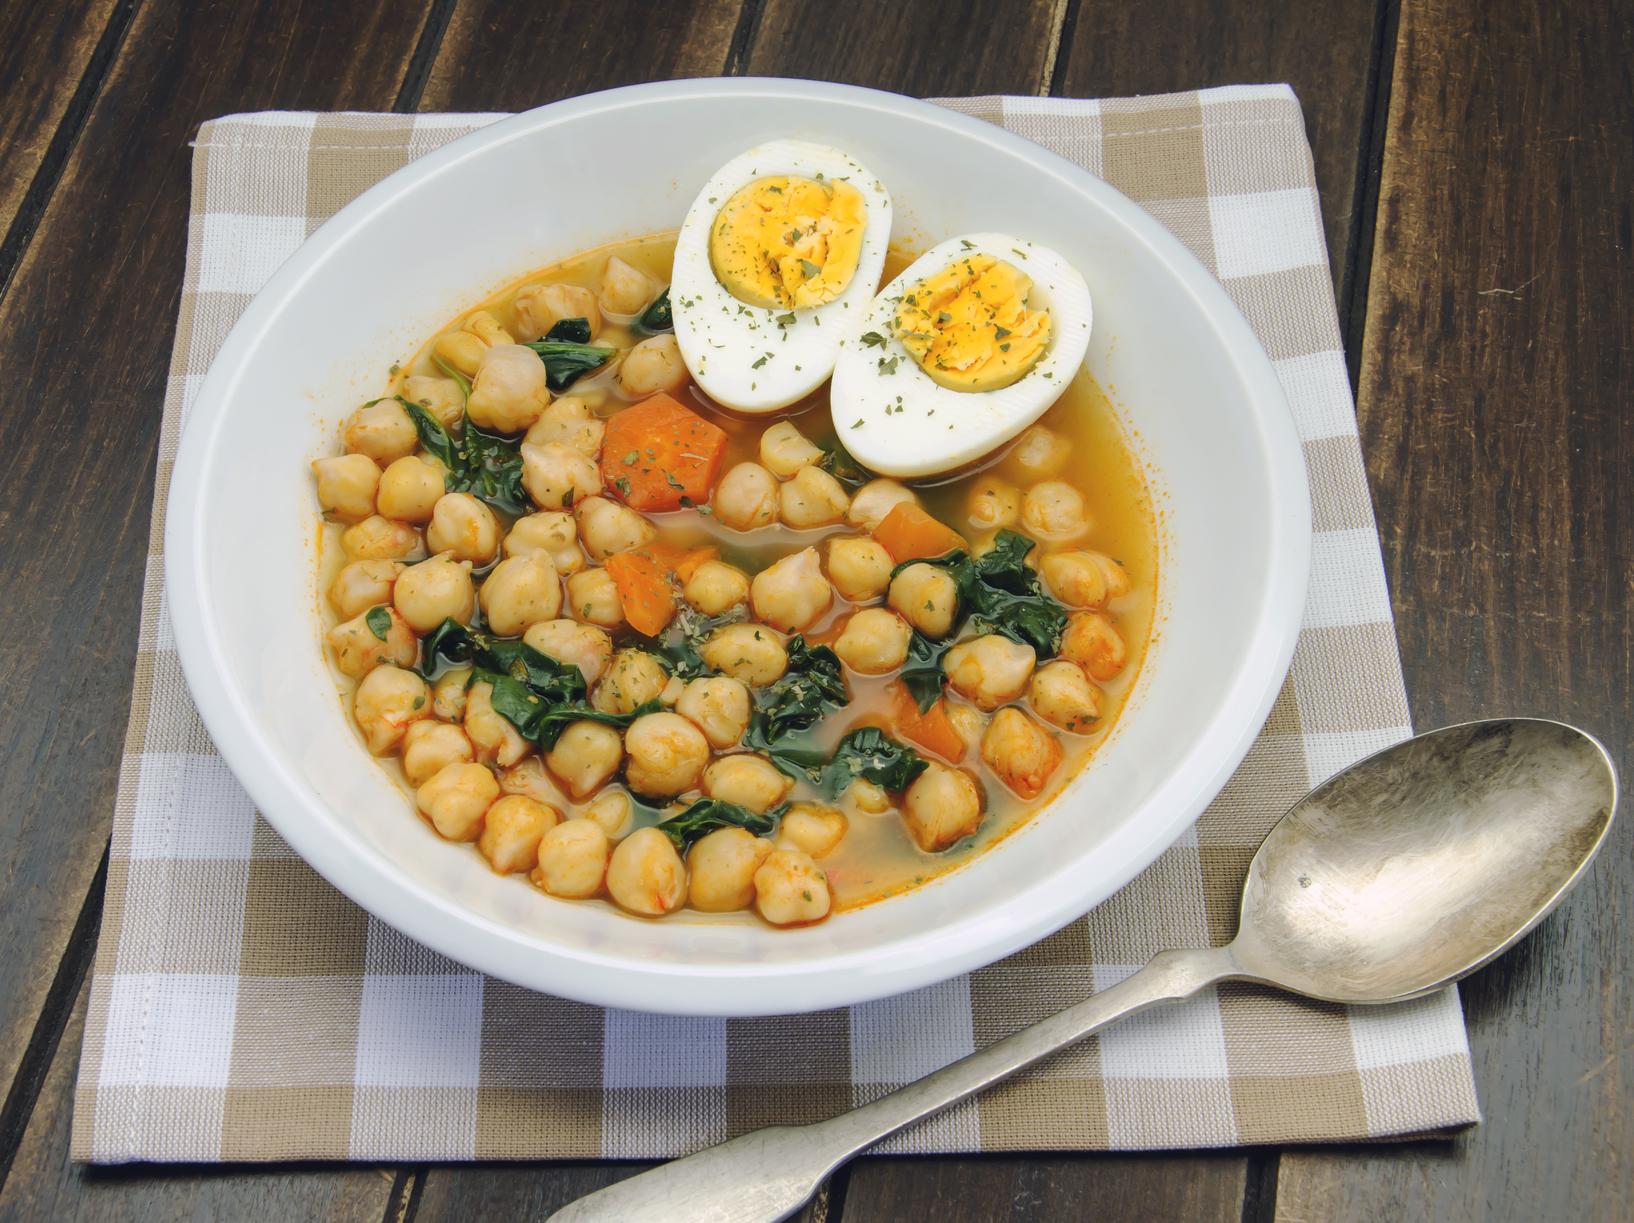 Espinacas con garbanzos y huevo